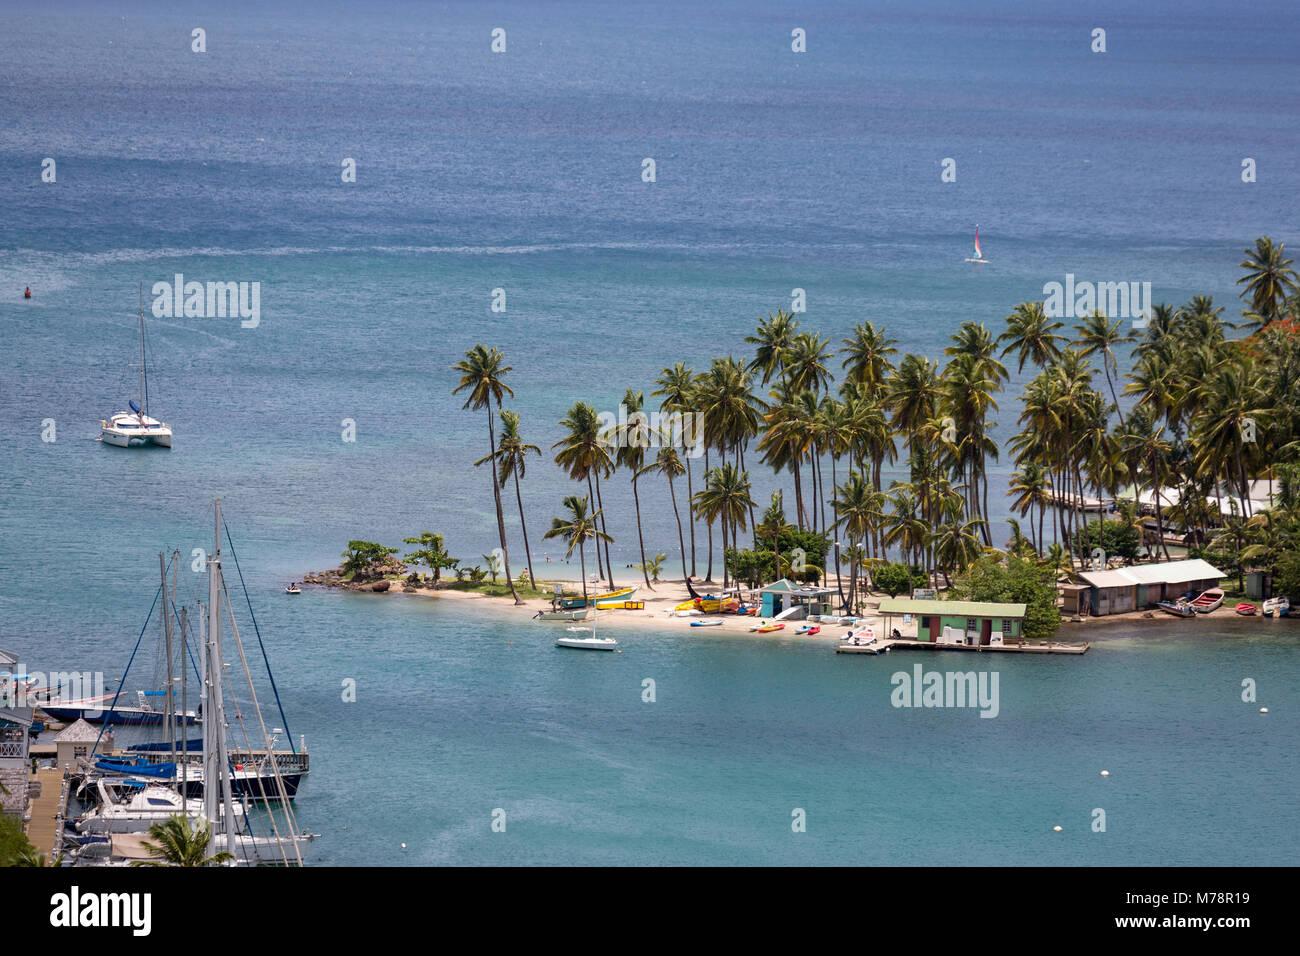 Die großen Palmen auf dem kleinen Strand in Marigot Bay, St. Lucia, Windward Islands, West Indies Karibik, Stockbild